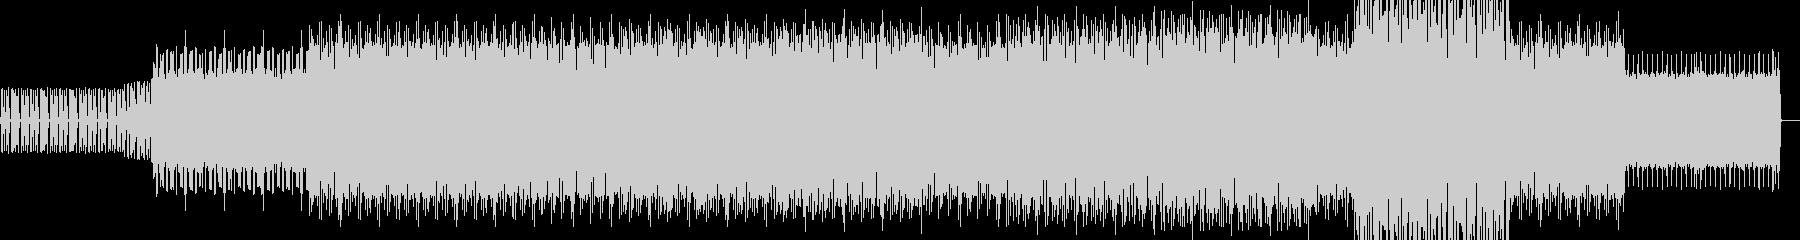 淡々としたハウス系BGMの未再生の波形